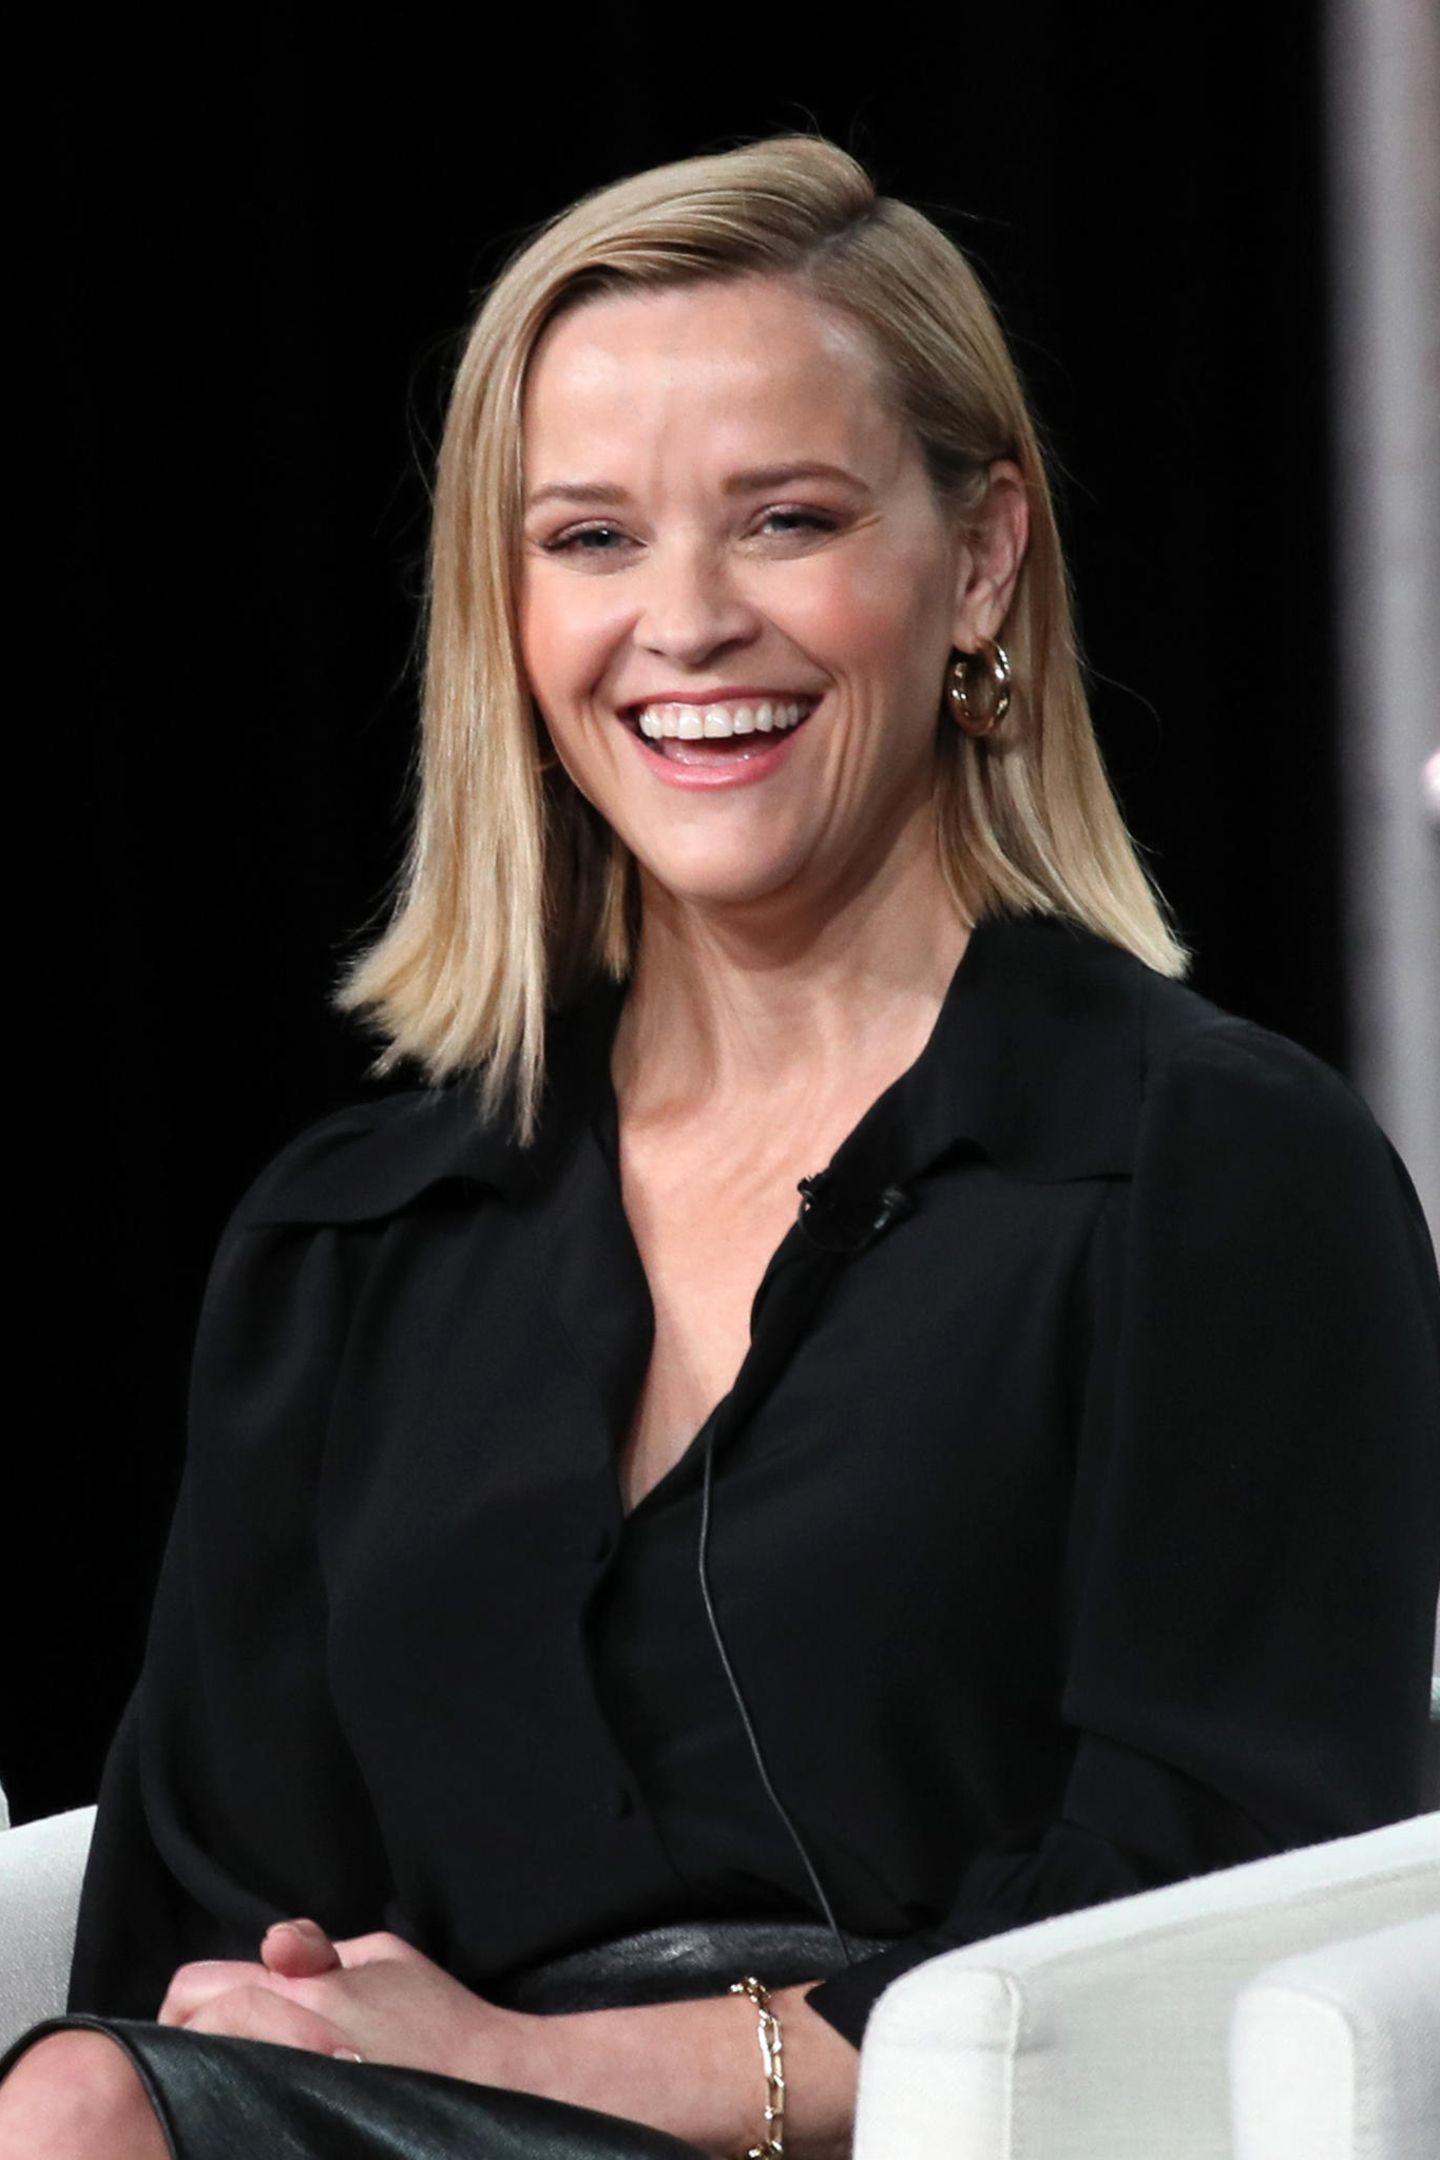 Von ihrem jugendlichen Charme hat die Schauspielerin bis heute nichts verloren und zählt zu den Hollywood-Stars unseres Jahrzehnts.